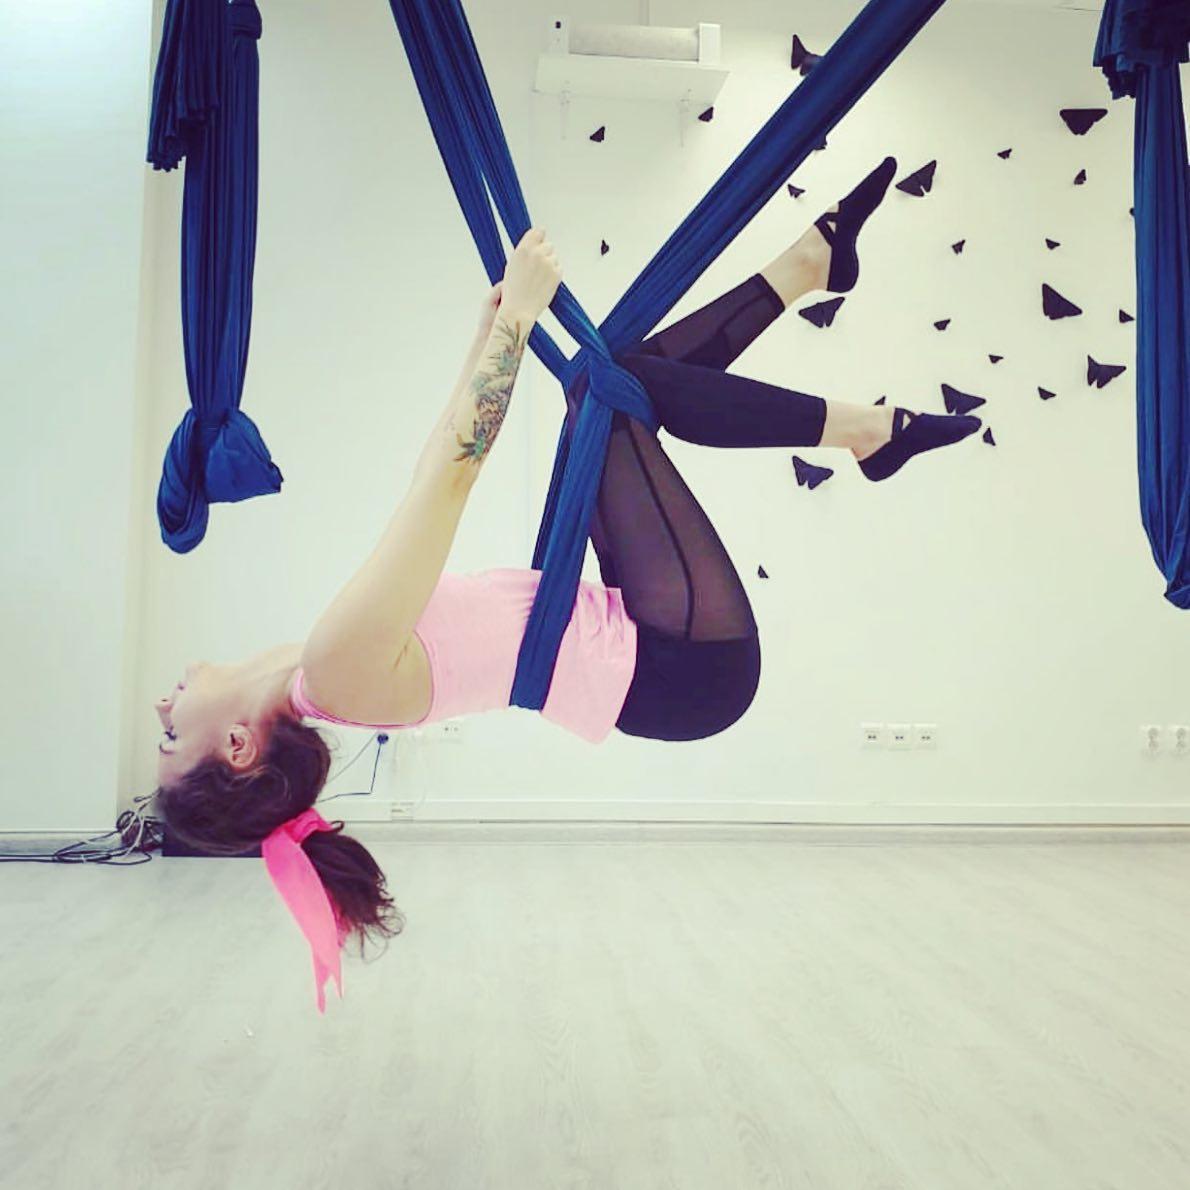 """FLYSTRETCH – это растяжка в гамаках (в воздухе). ⠀  Регулярные занятия растяжкой в гамаках в студии растяжки и стретчинга в Калининграде """"Эффект Бабочки"""" помогут вам:⠀  проработать абсолютно все группы мышц, что часто не представляется возможным сделать на обычной тренировке в фитнес зале;⠀  устранить напряжение и болевые ощущения в различных частях тела, за счет расслабления и вытяжения сокращенных после нагрузок мышц;⠀  снять накопленный стресс, усталость, стимулировать кровообращение;⠀  похудеть, улучшить осанку и обрести естественную гибкость. ⠀  Занятия на гамаках обладают высокой эффективностью, и при этом доступны даже новичкам. Уровень подготовки: любой. ⠀ Начать заниматься можно в любое время при наличии свободных мест в группе. ⠀  Девочки, Количество мест в группе ограничено! ⠀  Спешите записаться на тренировку по телефону 8-909-788-29-08, пишите в Директ/Viber/WhatsApp или на нашем сайте www.mybutterfly39.ru ⠀"""